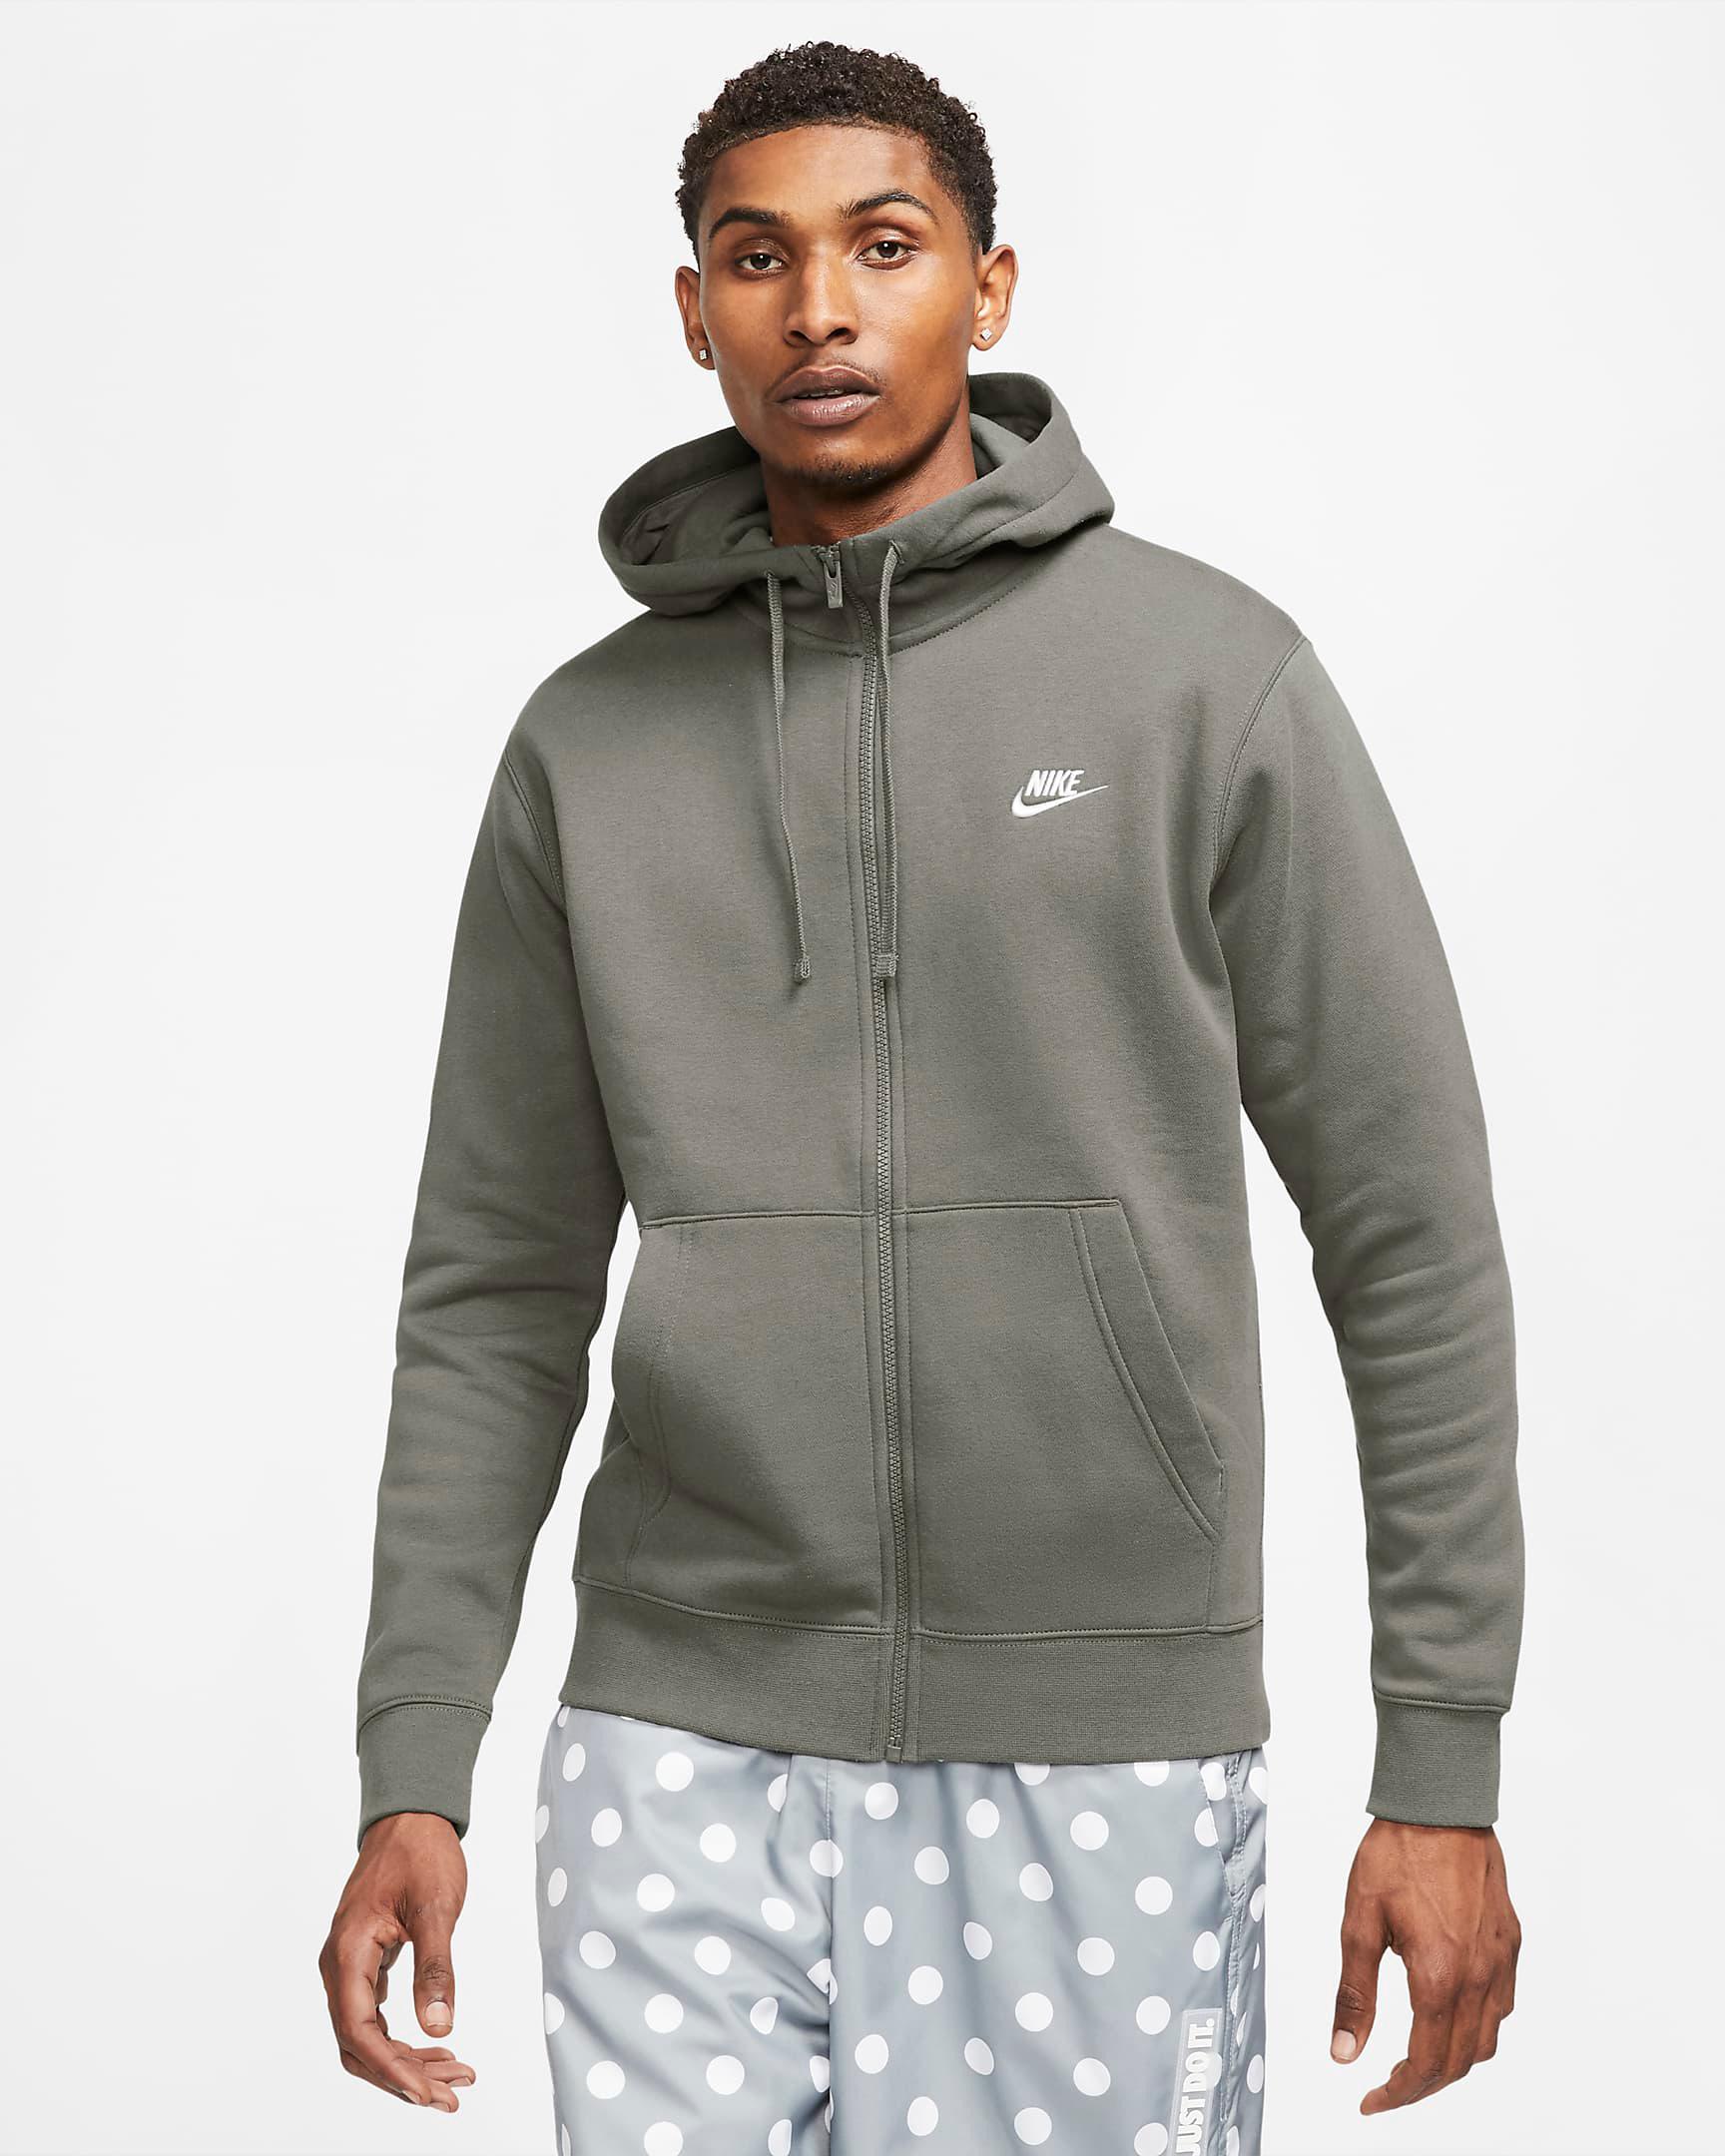 nike-light-army-club-fleece-zip-hoodie